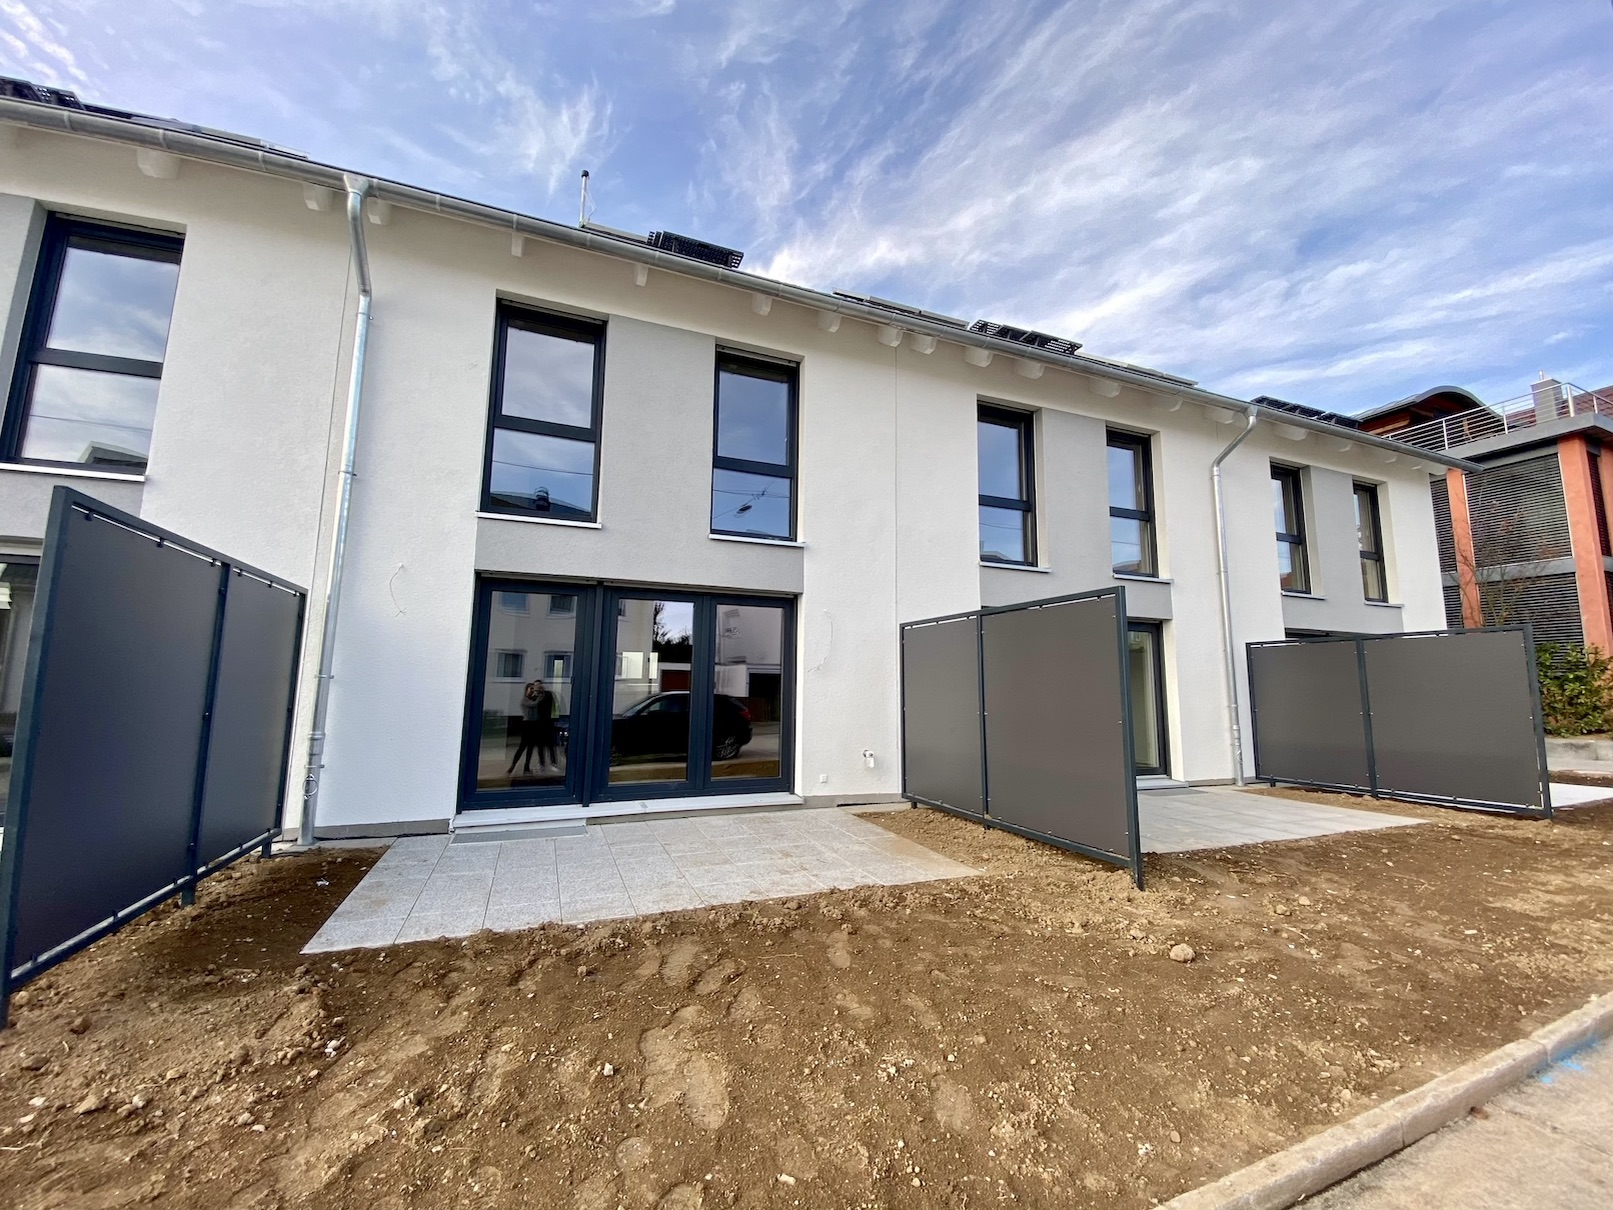 04.12.2020 - Der Innenausbau und die Außenanlagen sind fertiggestellt. Die Abnahmen sind erfolgt.